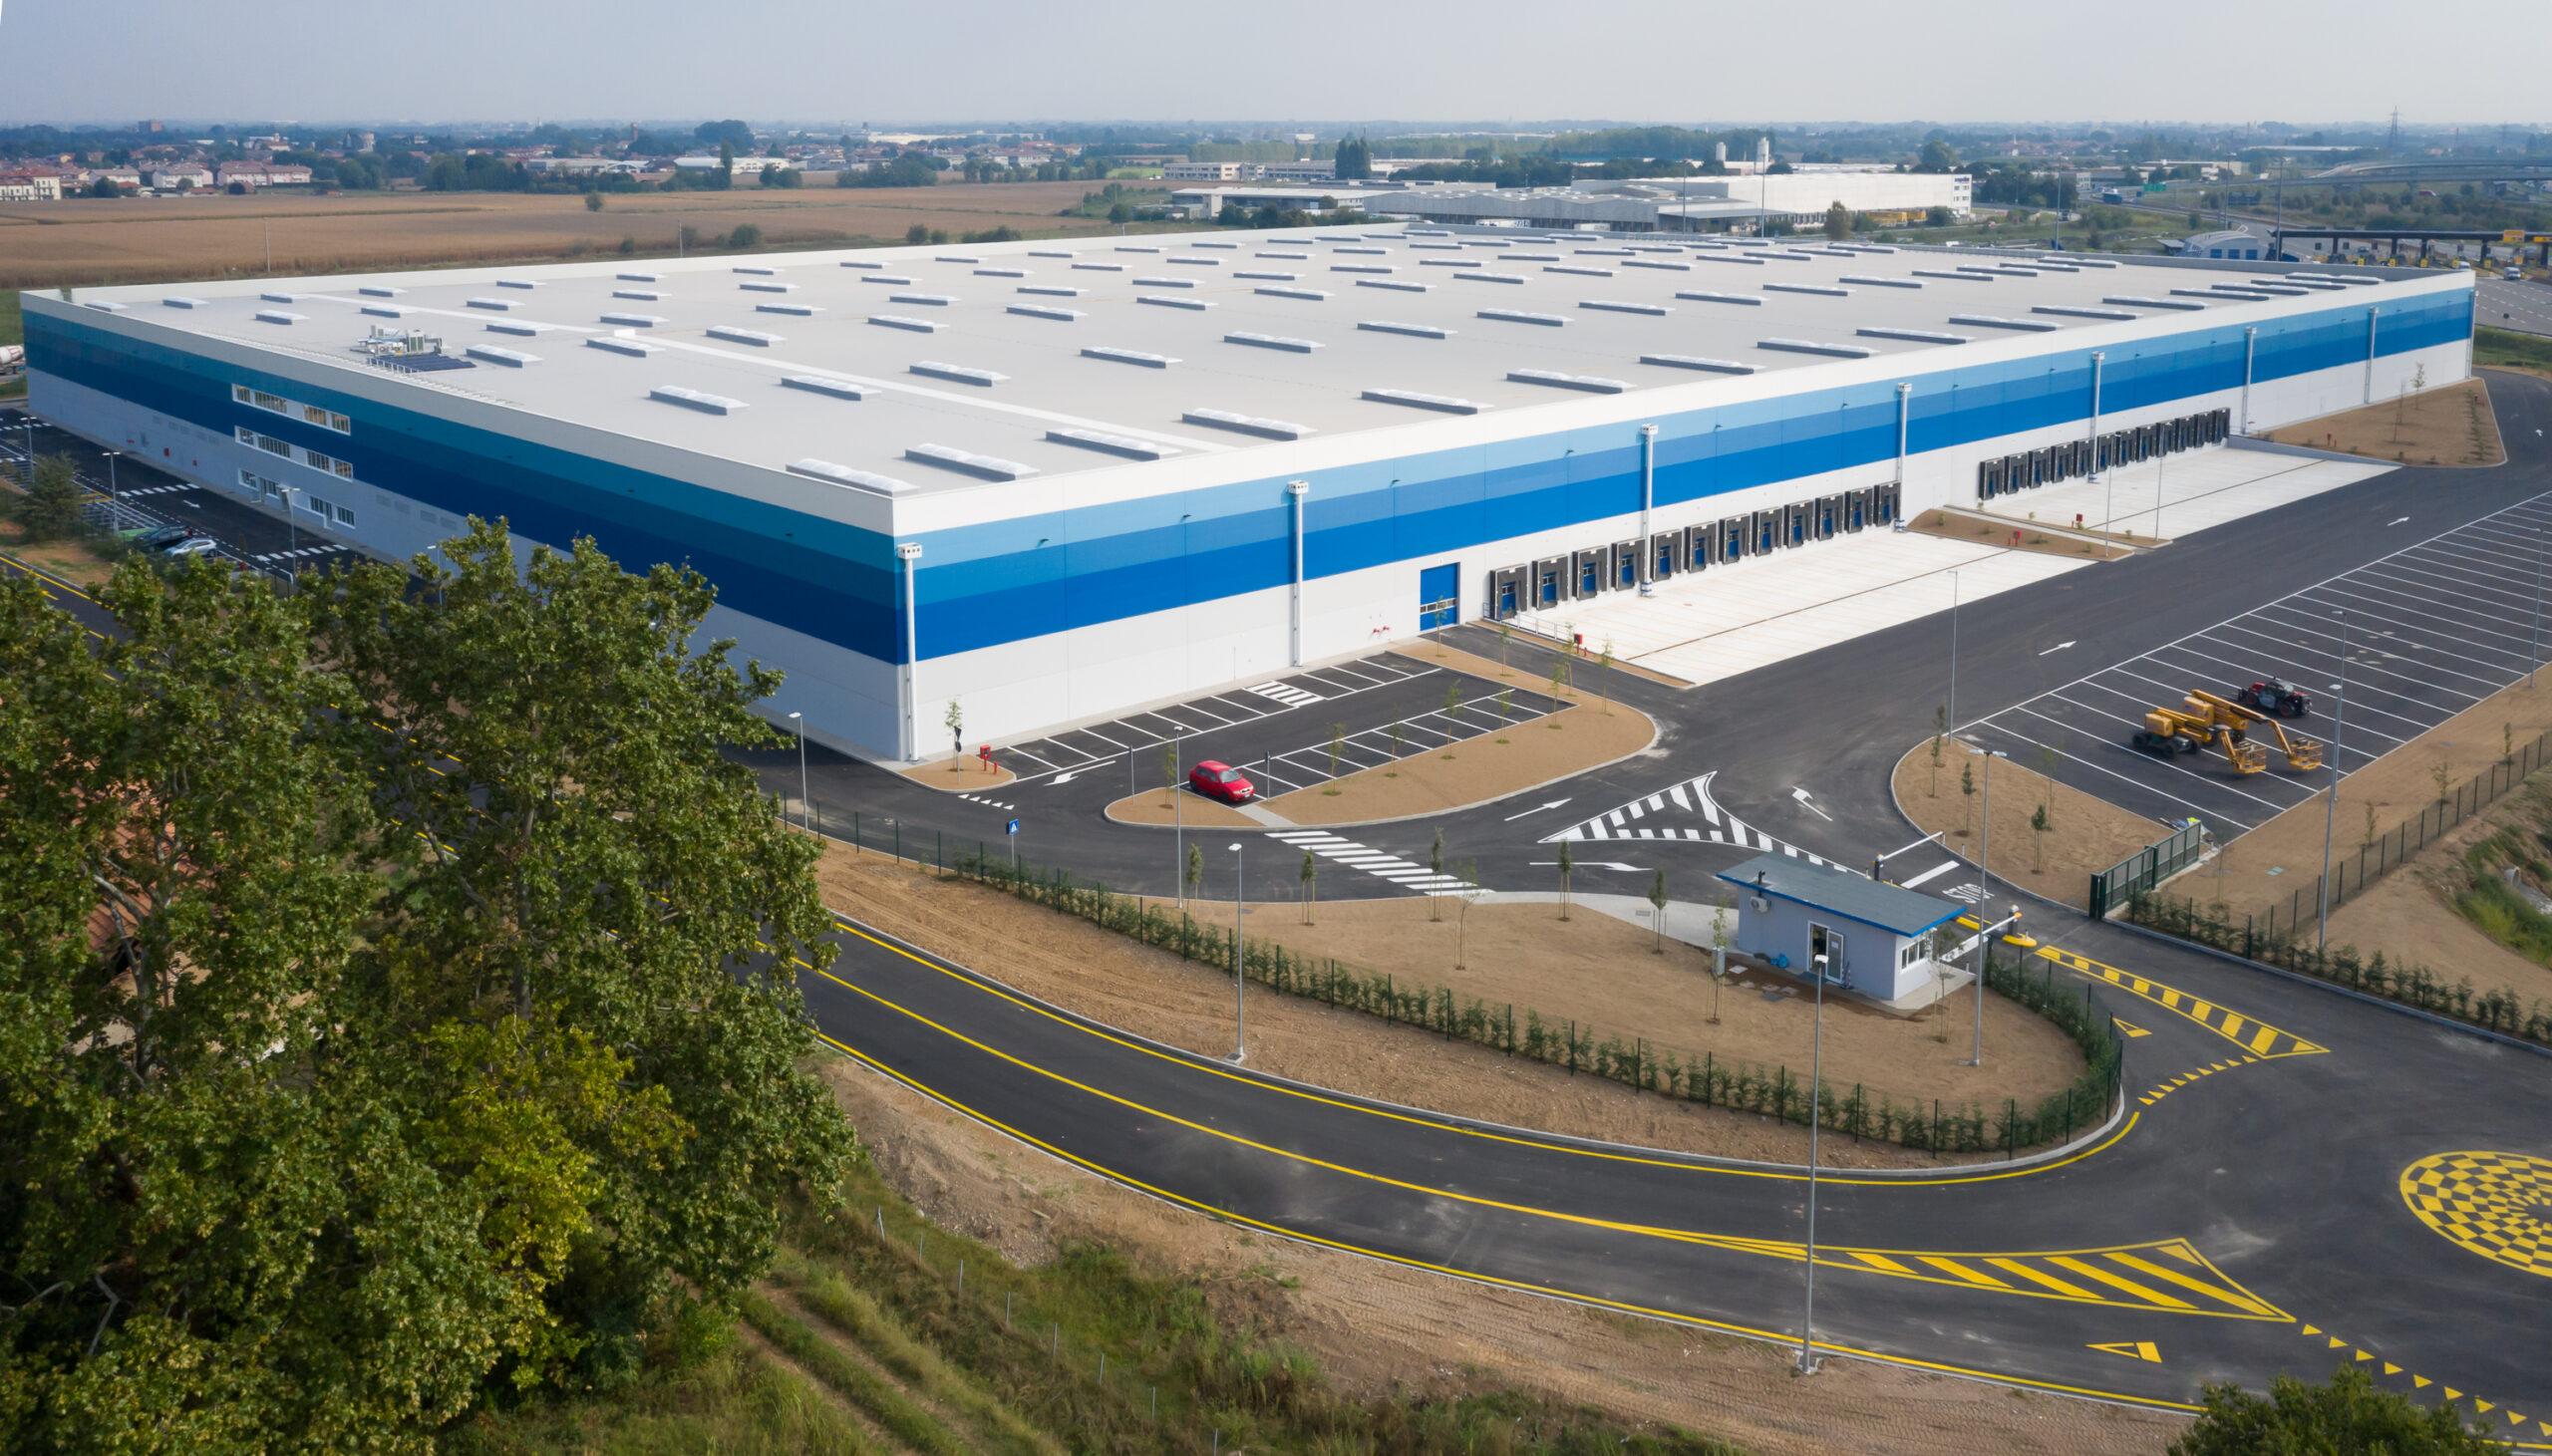 Vista aerea 2 - CARLYLE Mesero | SQM Real Estate miglior agenzia immobiliare per aziende industria terreni logistica sviluppo immobiliare